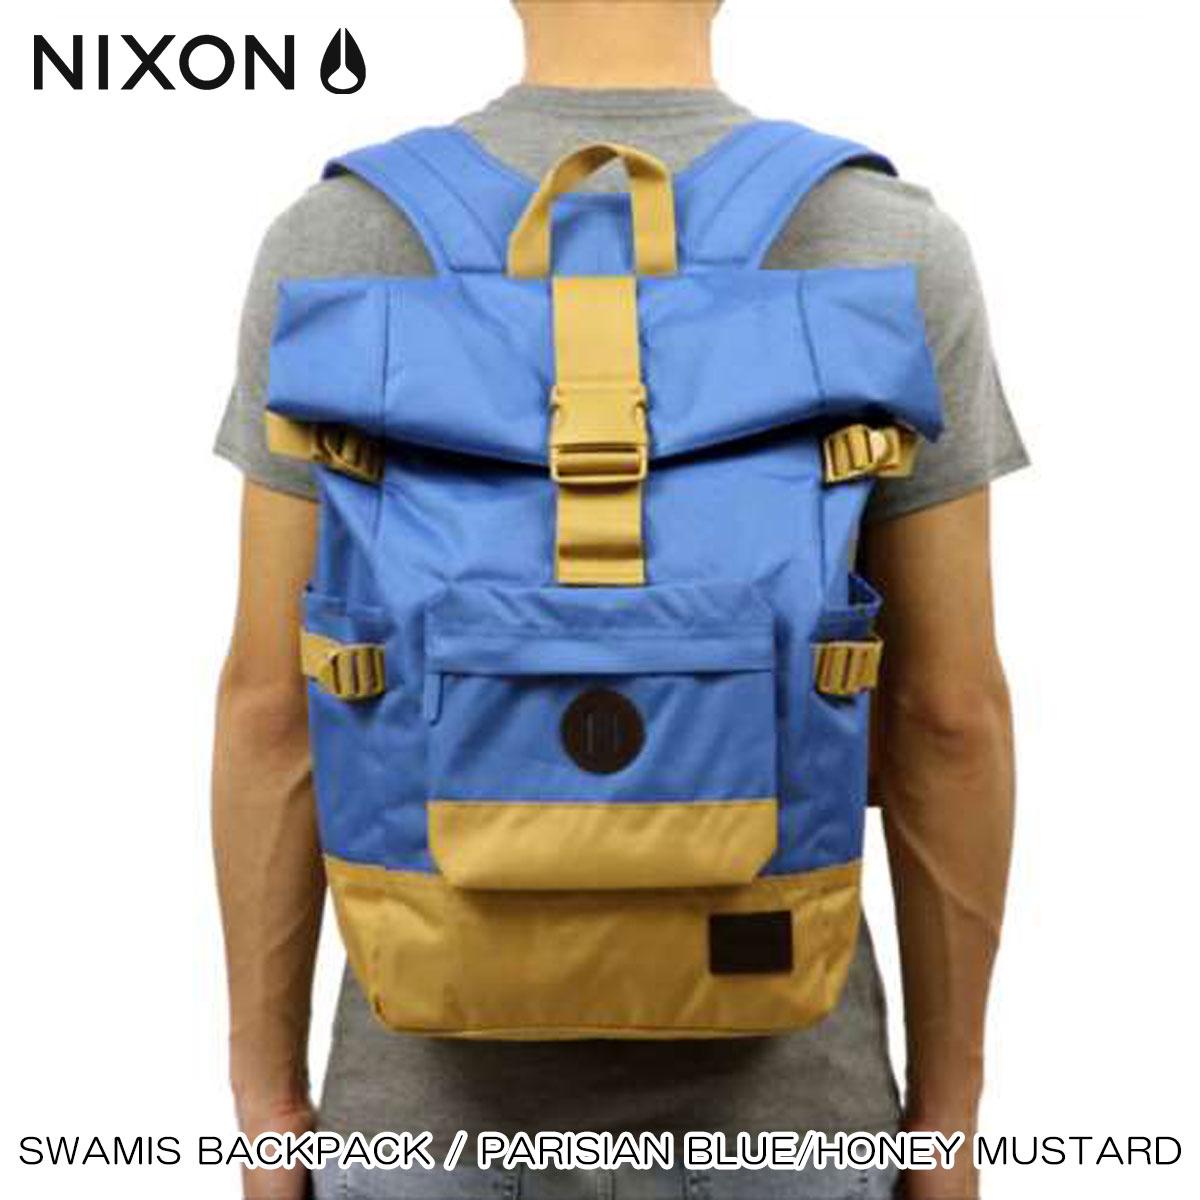 【ポイント10倍 9/4 20:00~9/11 01:59まで】 ニクソン NIXON 正規販売店 バッグ Swamis Backpack Parisian Blue / Honey Mustard BLUE 敬老の日 プレゼント